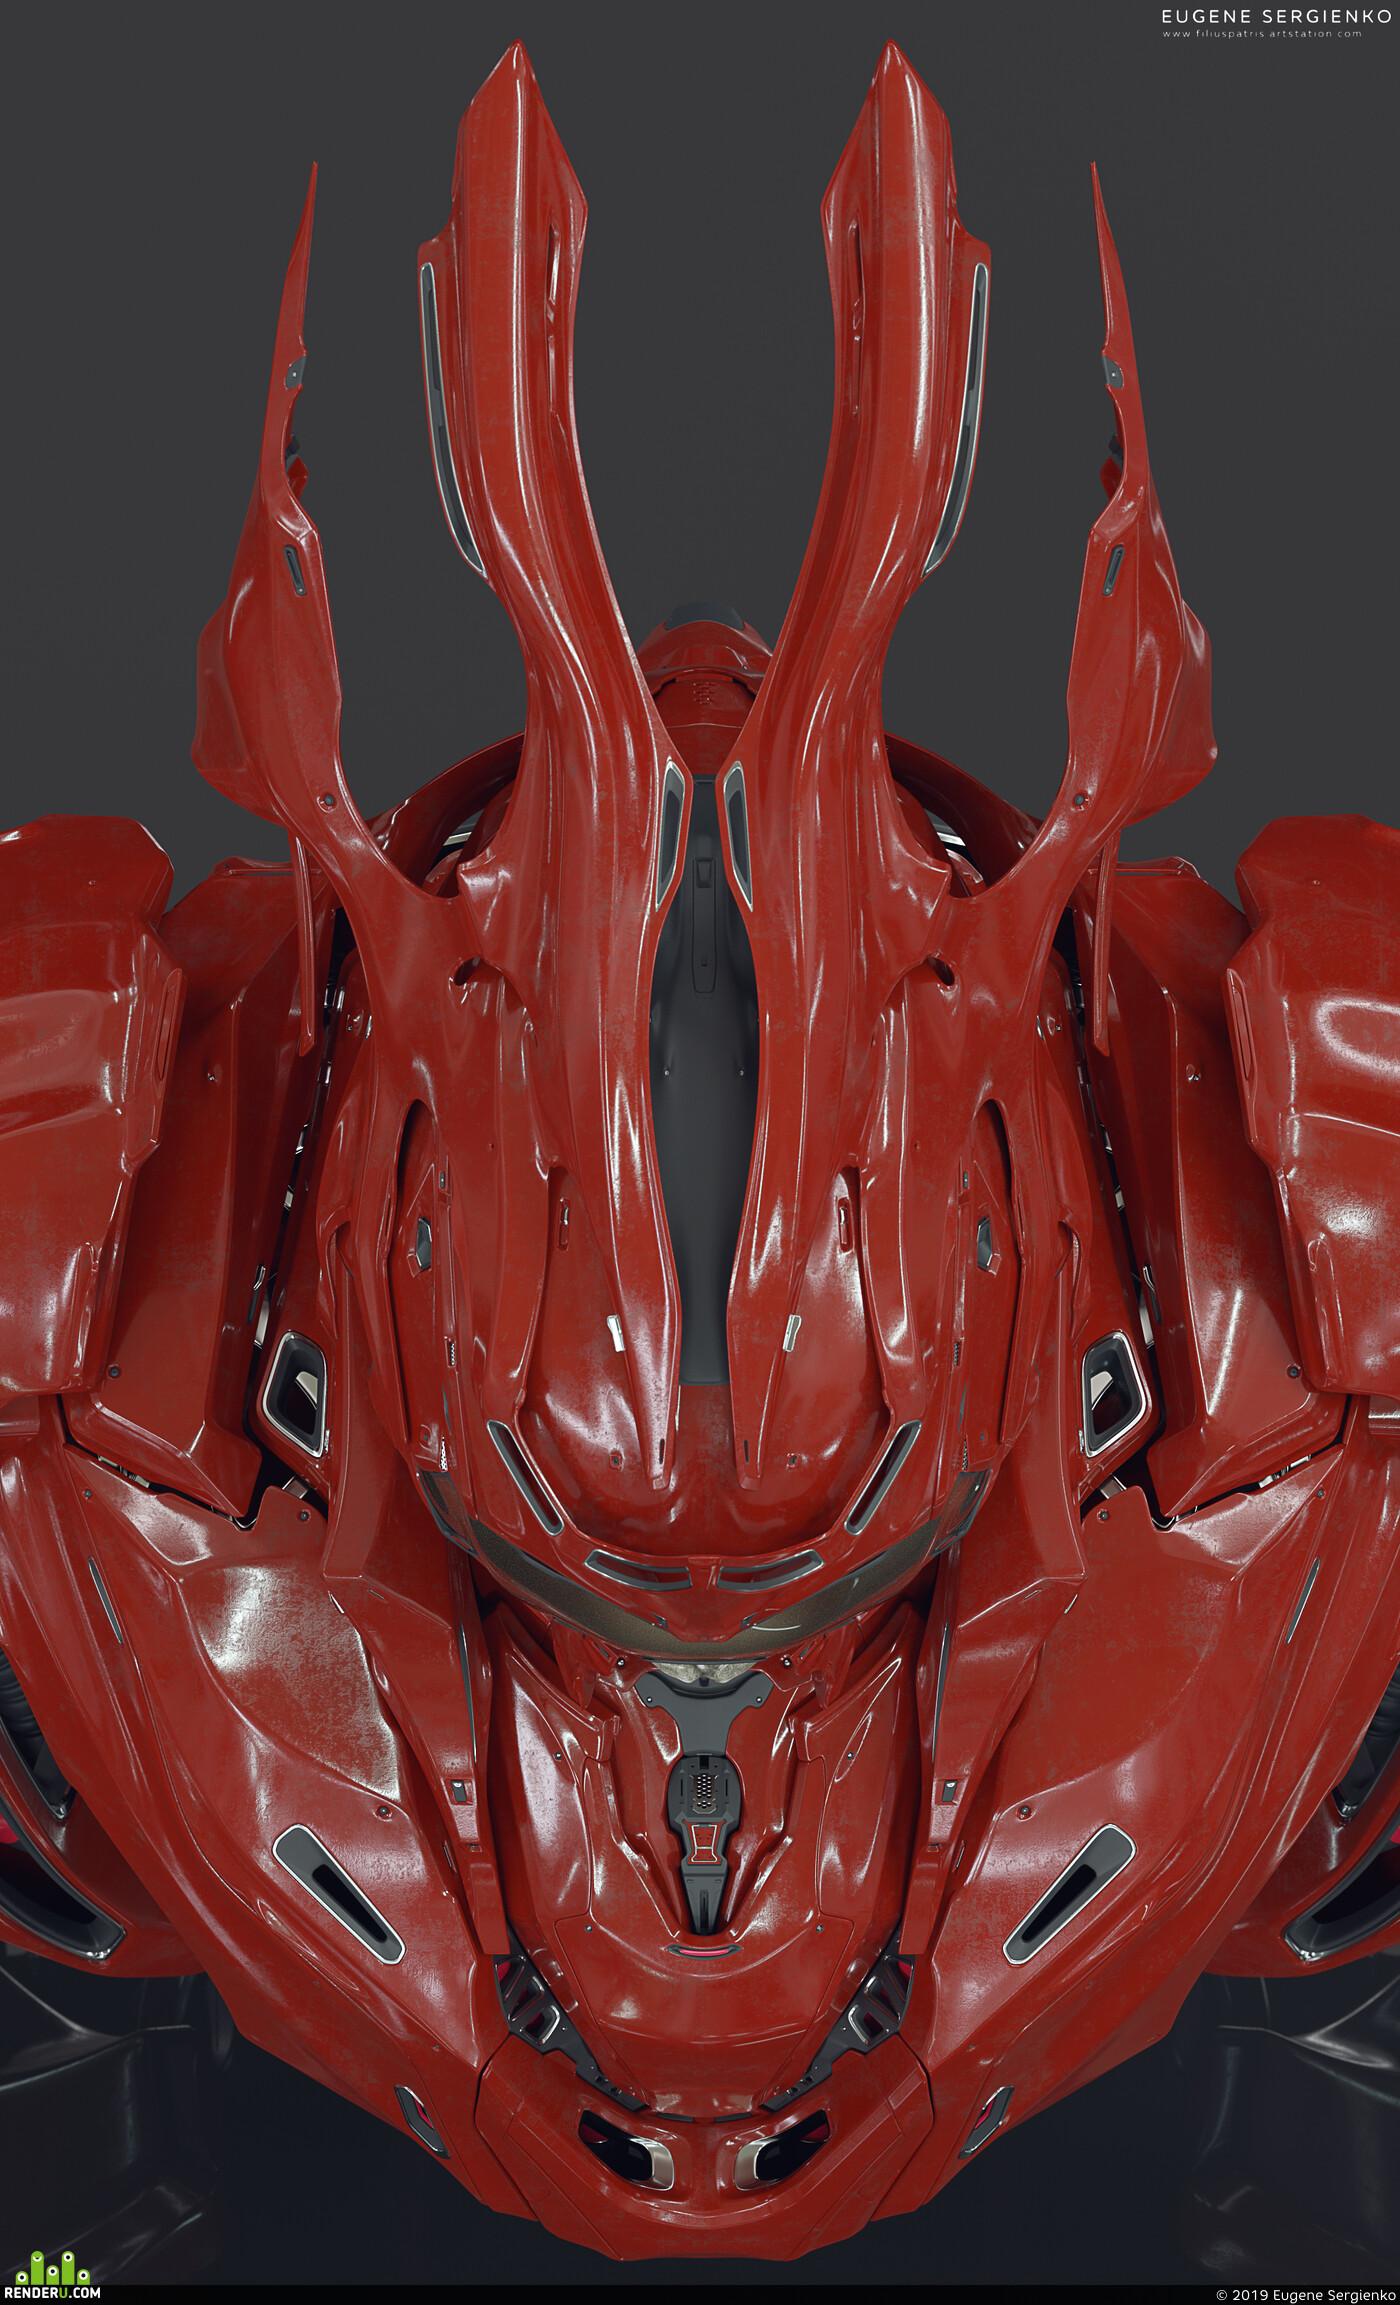 b3d, Blender, skull, game character, Concept art, sci fi armor, design